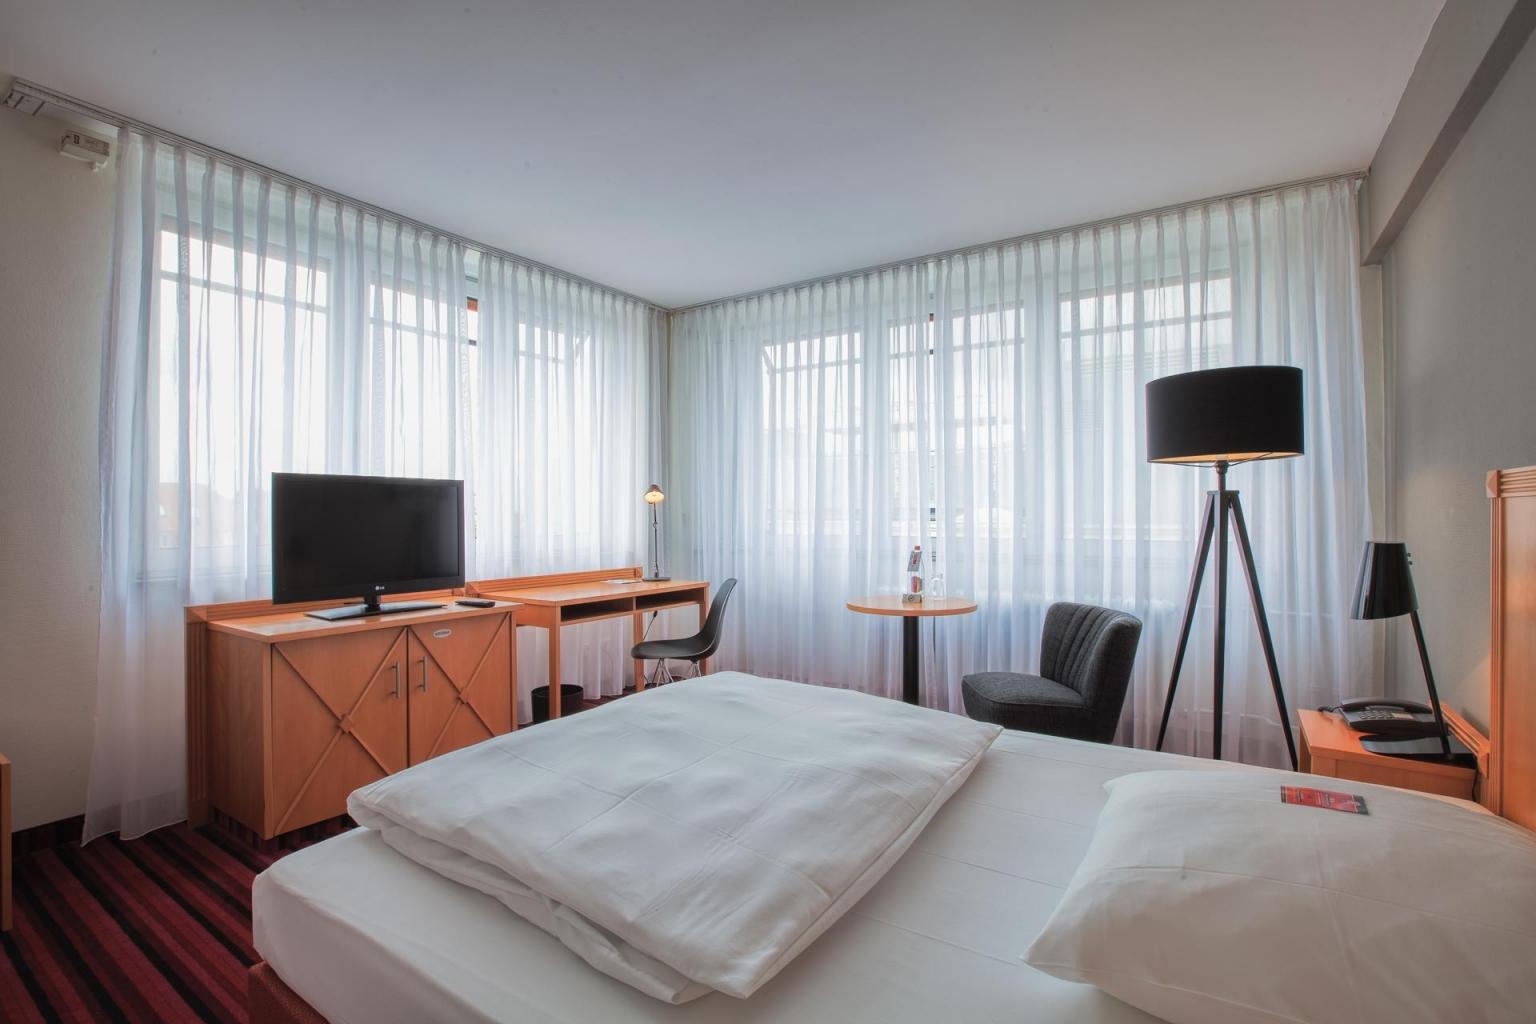 Cityhotel Konigstrasse Hotel